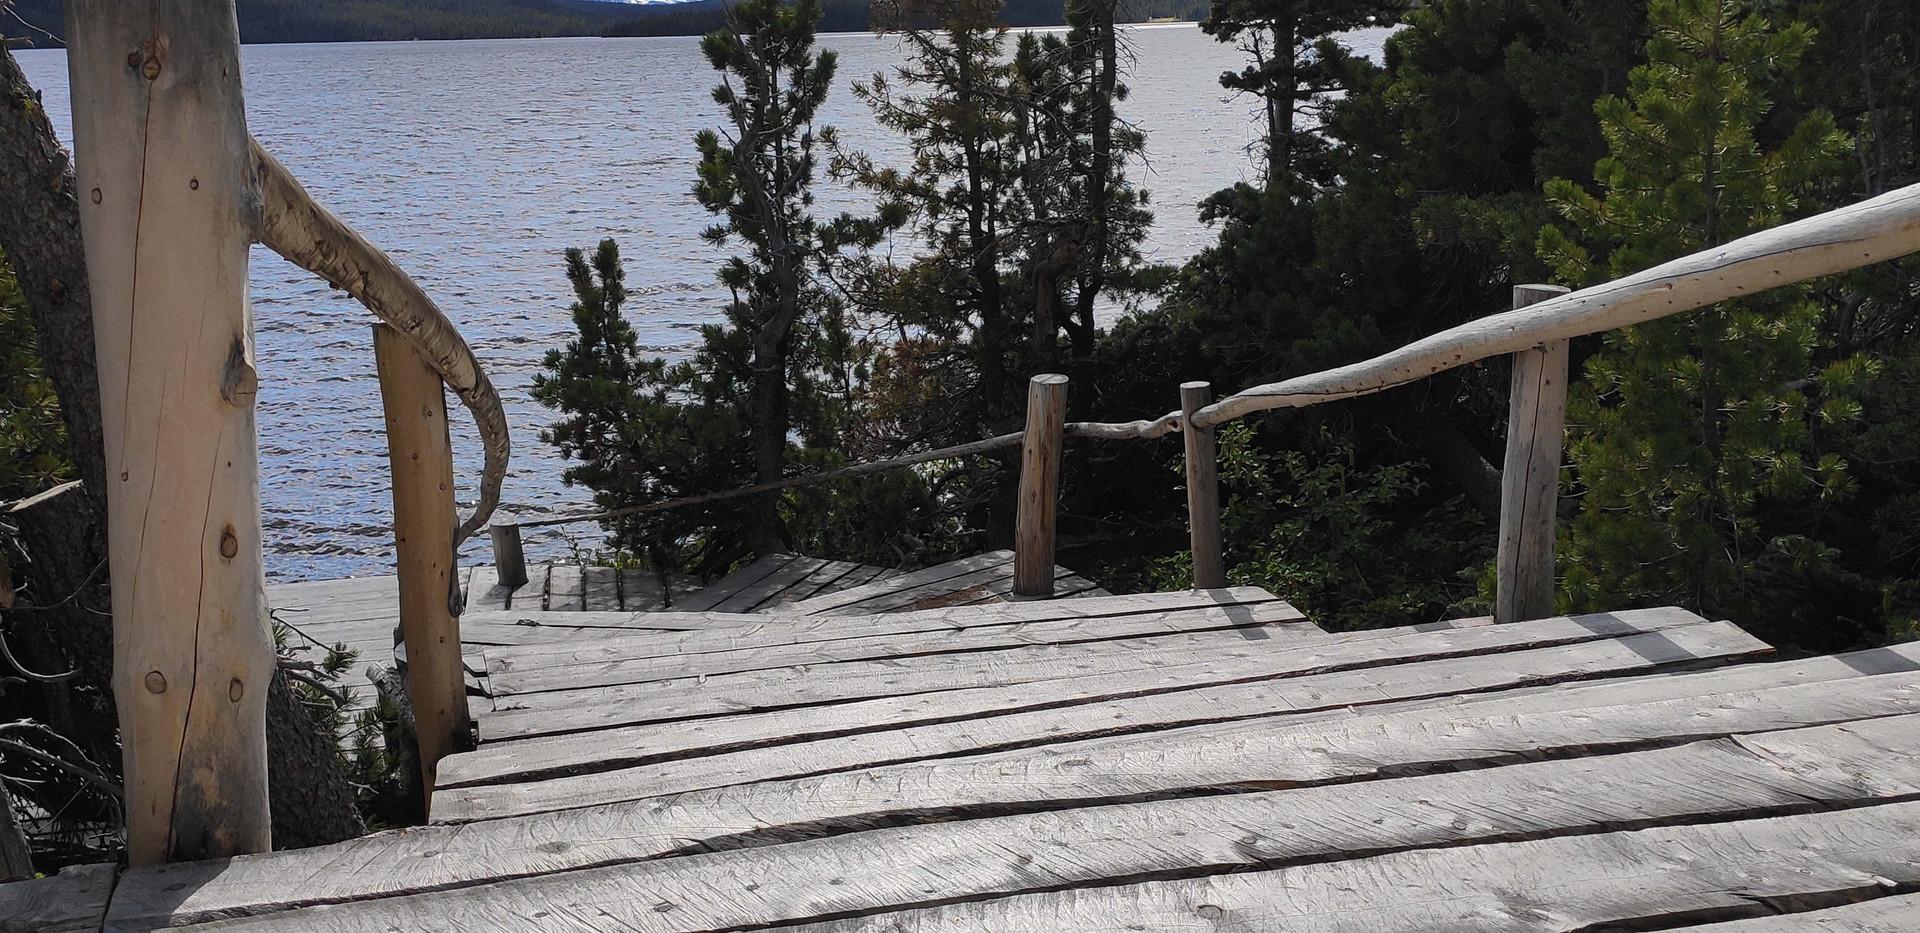 מדרגות עץ המובילות לדק נהדר מול ההרים